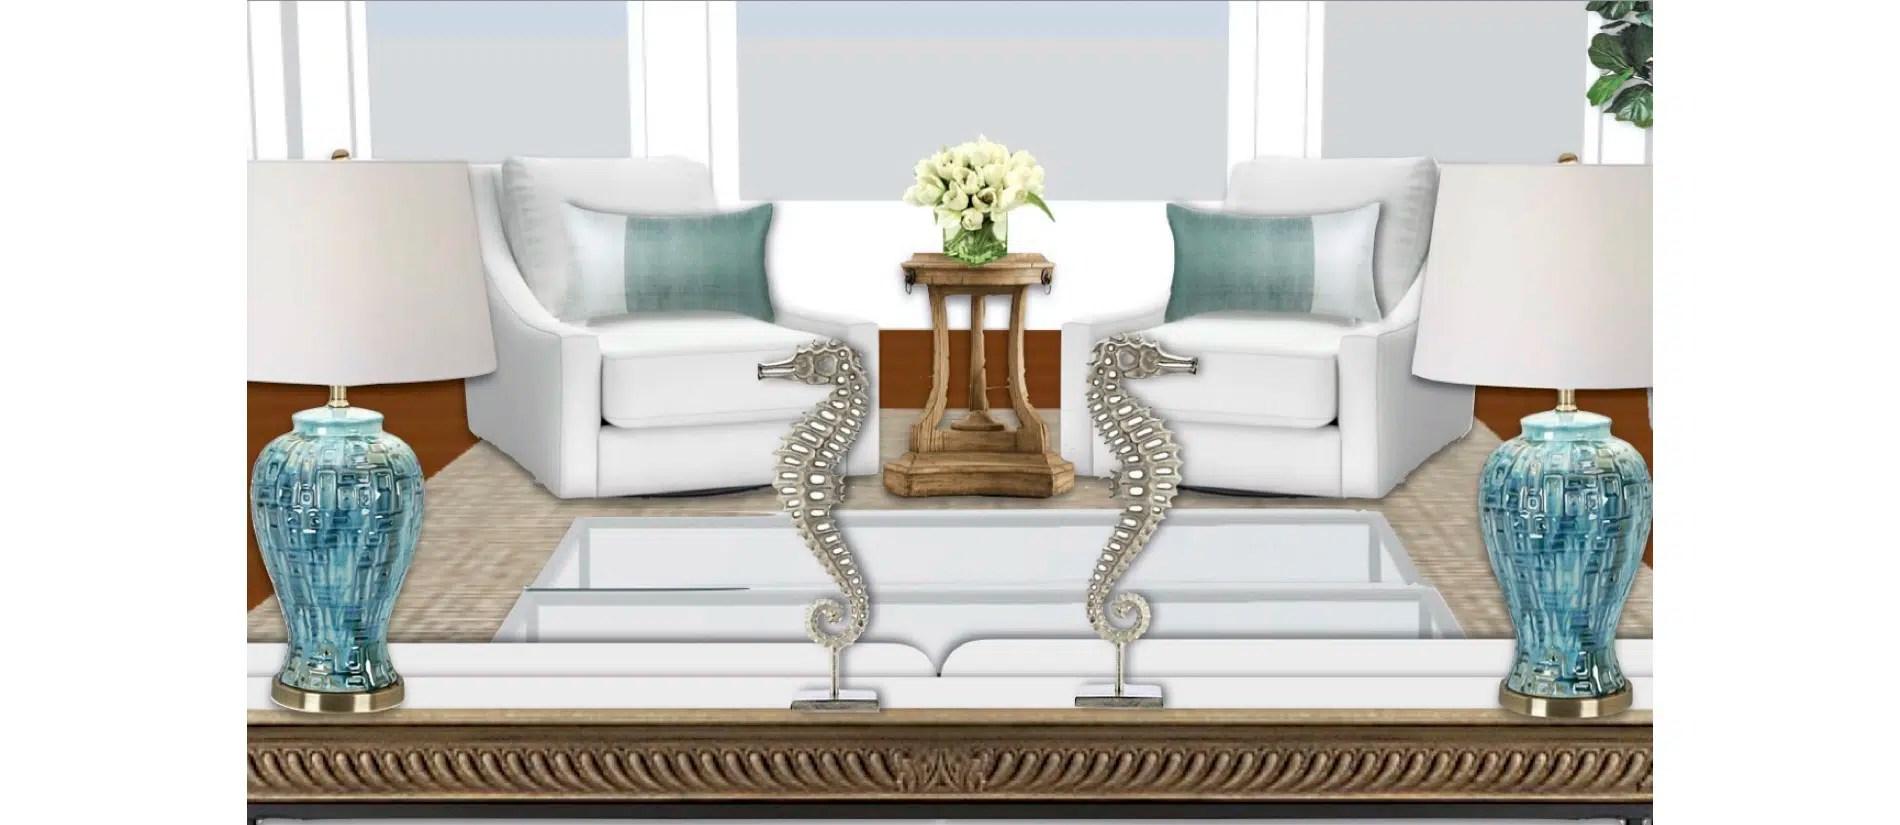 11-White-room-rendering